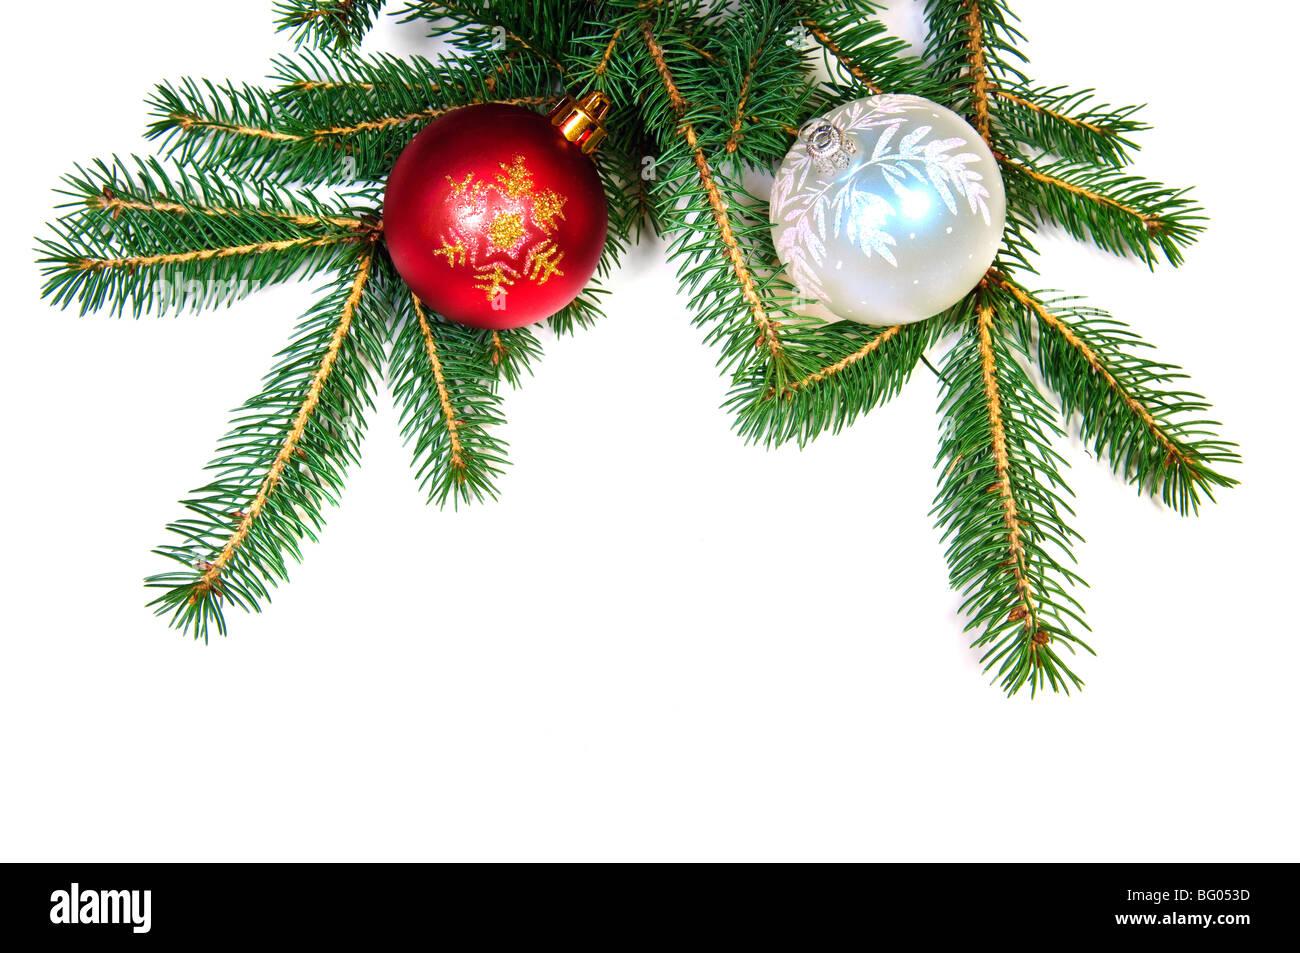 Branche D Arbre Sapin De Noel boules de noël sapin sur branche d'arbre sur fond blanc